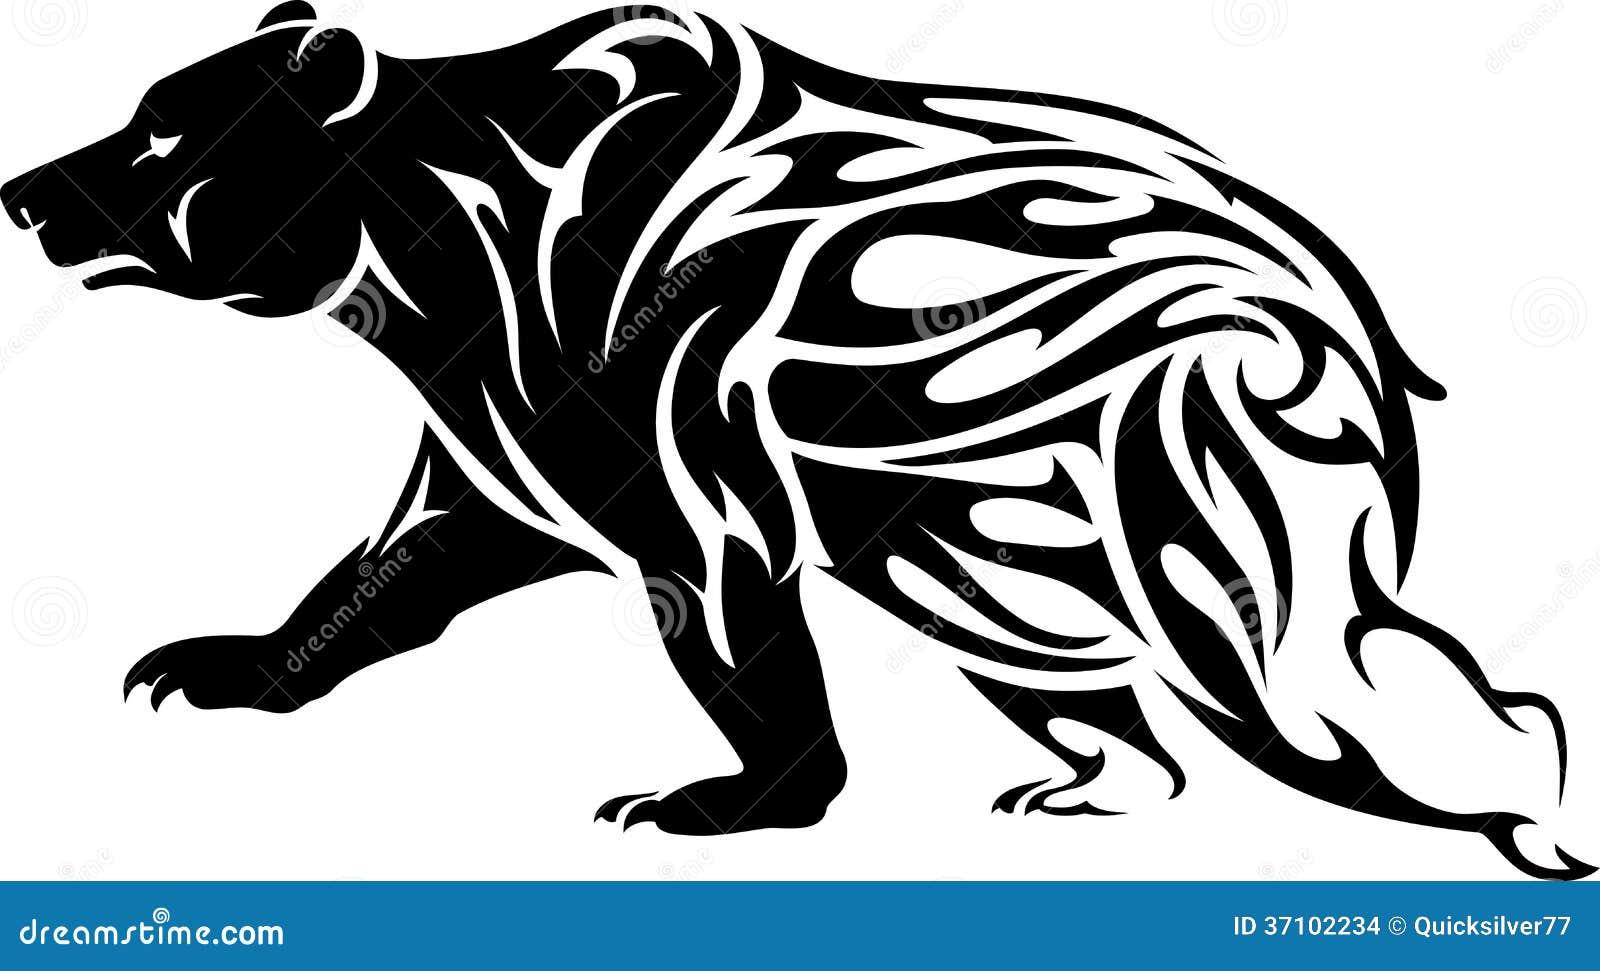 Tatuaje Del Oso Grizzly Stock De Ilustración Ilustración De Tribal